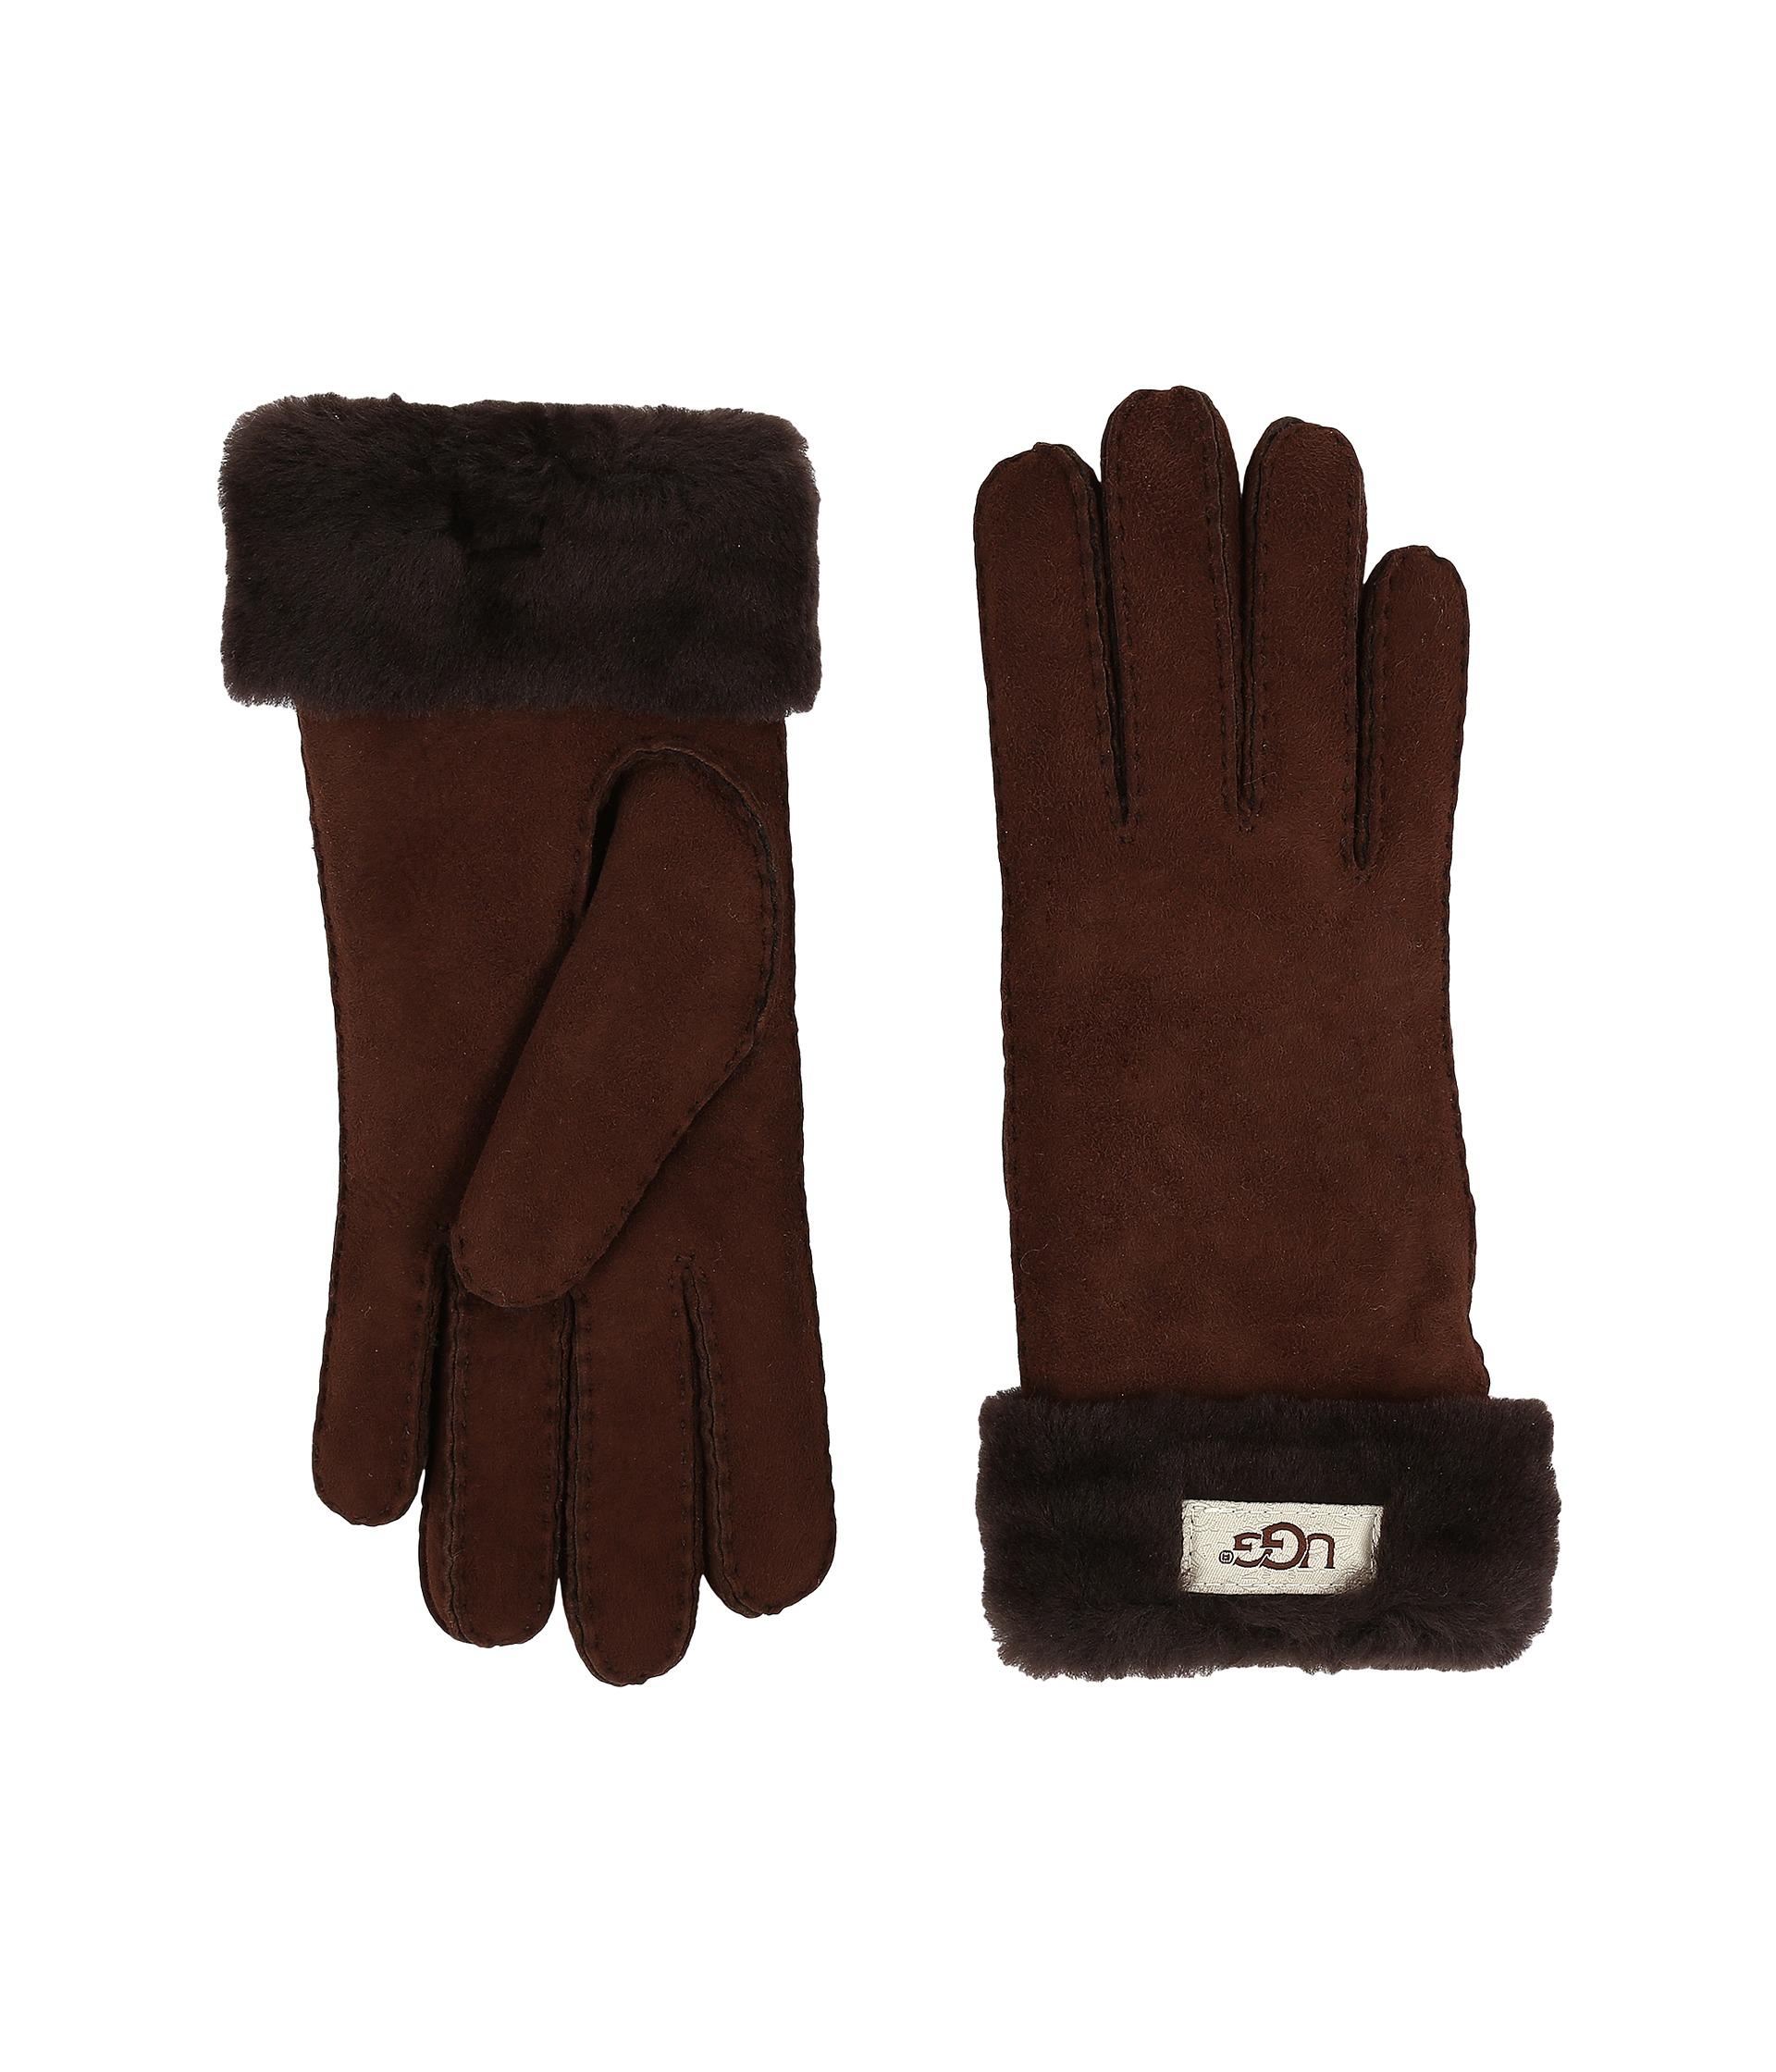 17b364eefe3 Ugg Turn Cuff Shearling Glove - cheap watches mgc-gas.com